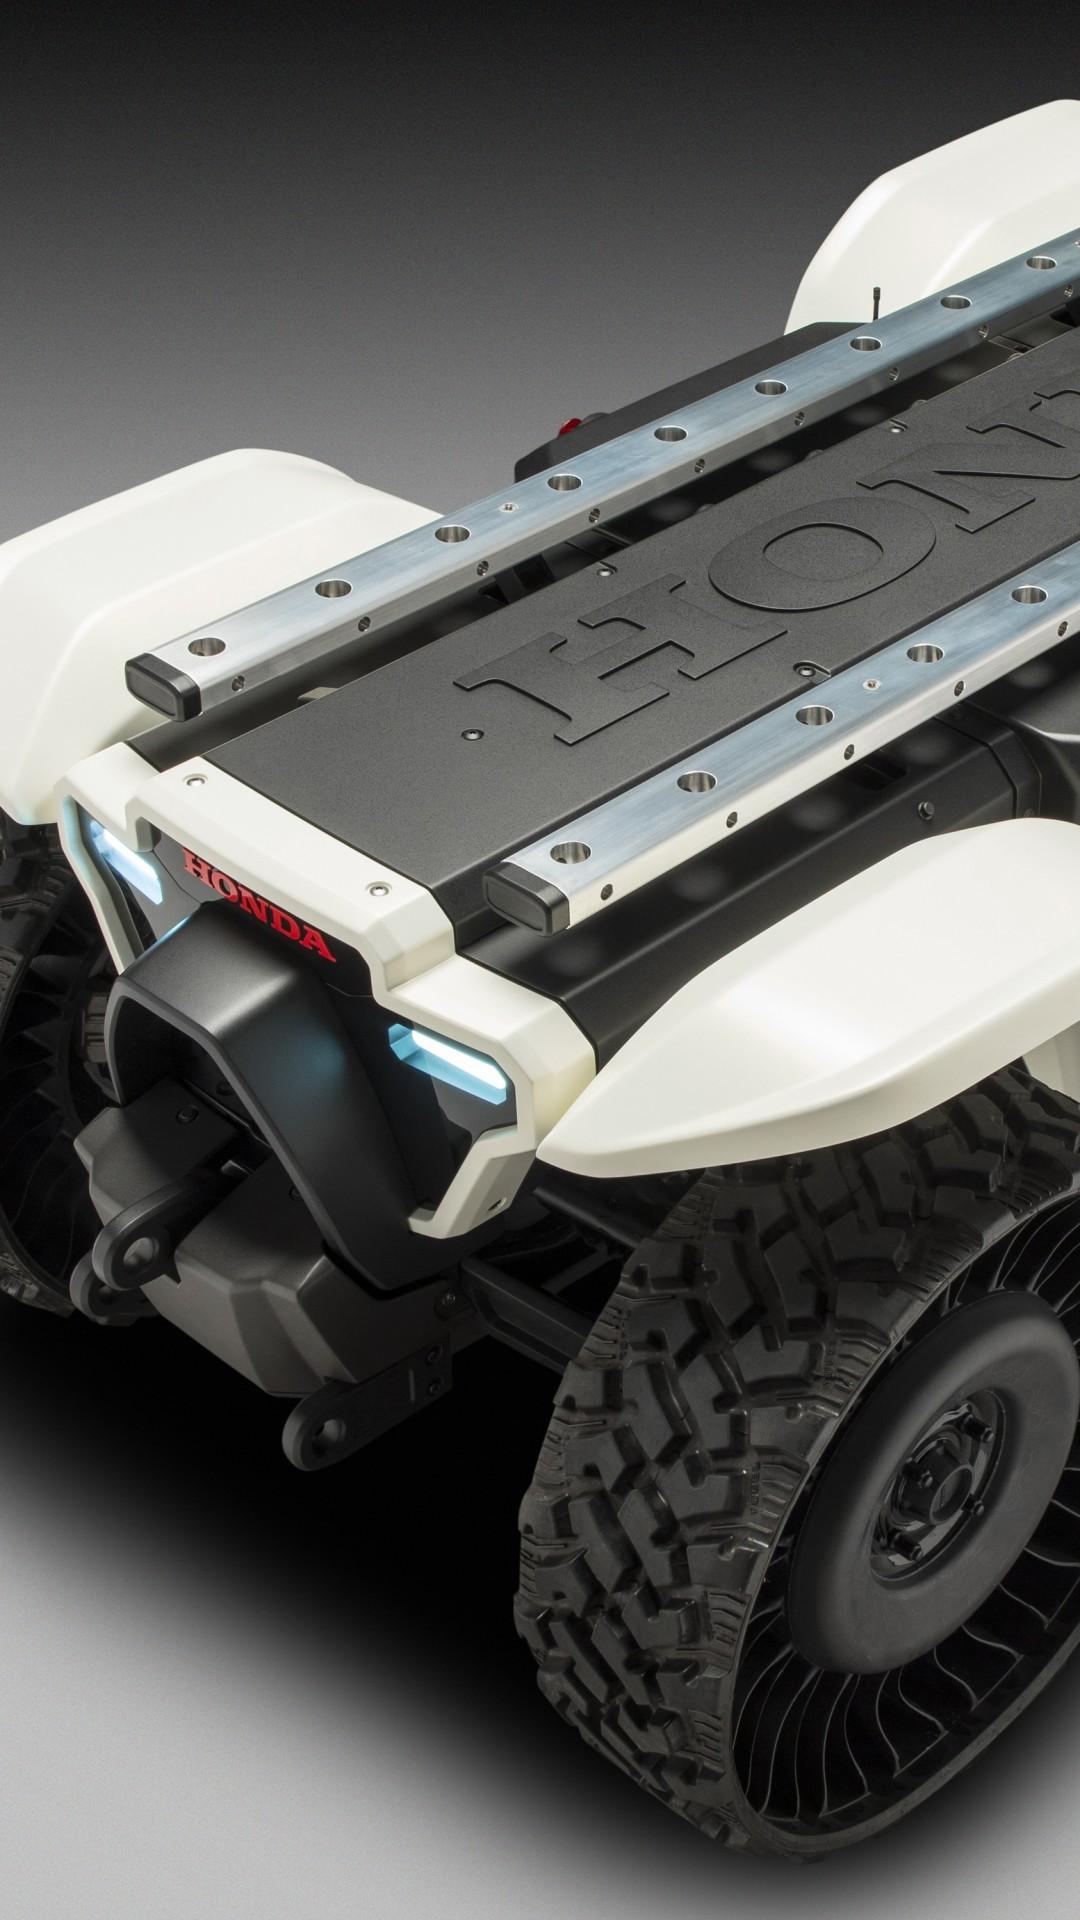 Wallpaper Honda 3E-D18, CES 2018, robot, 4k, Hi-Tech #17242